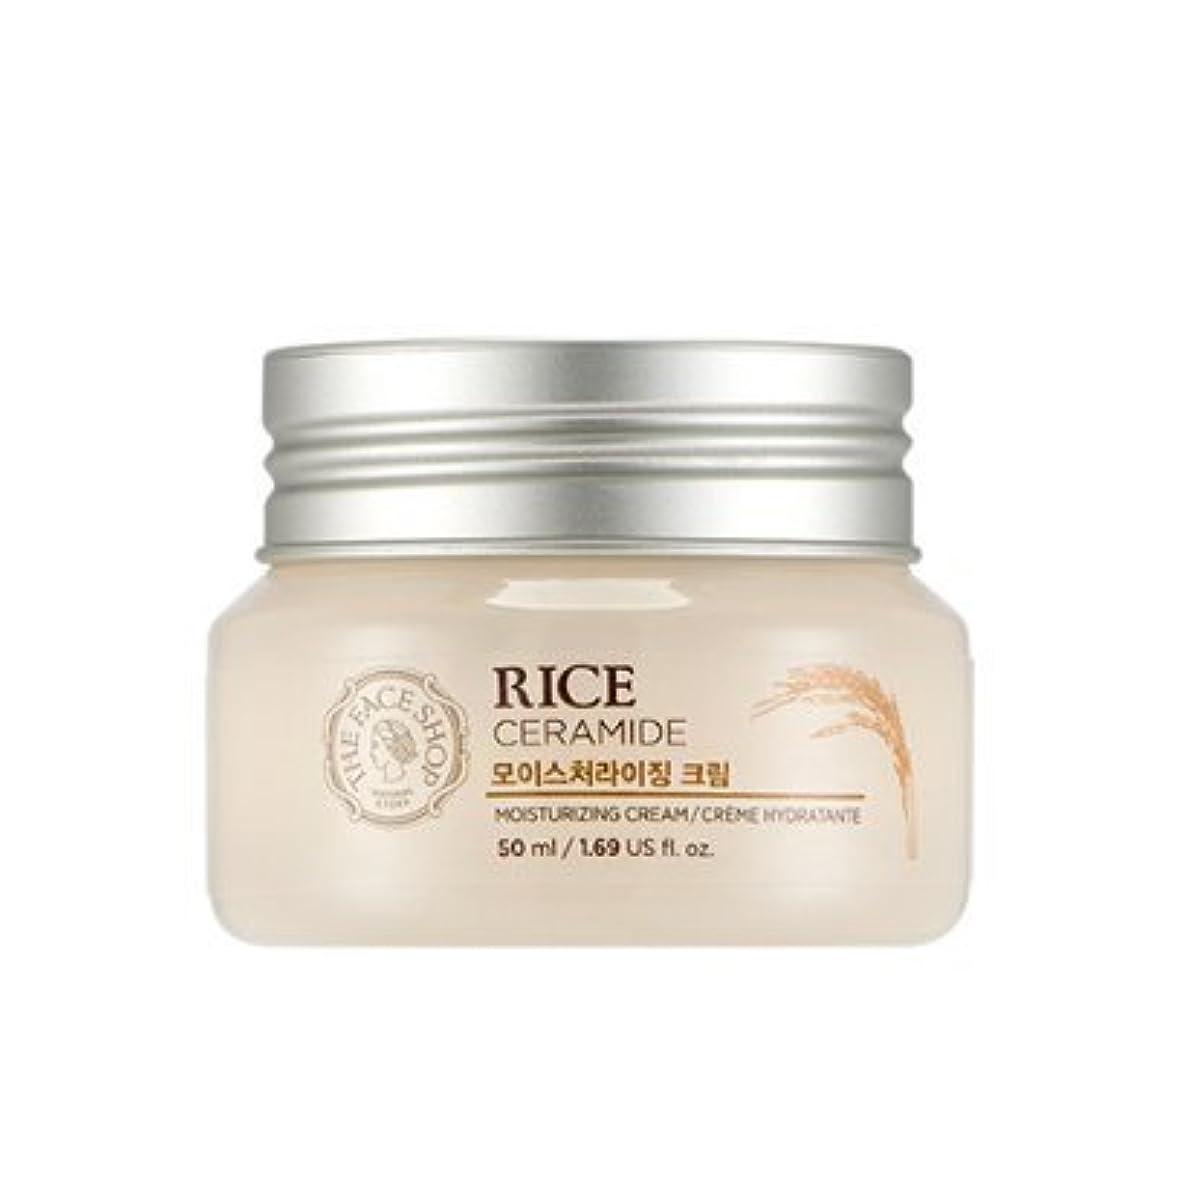 死すべき激しい仮説THE FACE SHOP Rice & Ceramide Moisturizing Cream ザフェイスショップ ライス&セラミドモイスチャーライジングクリーム [並行輸入品]